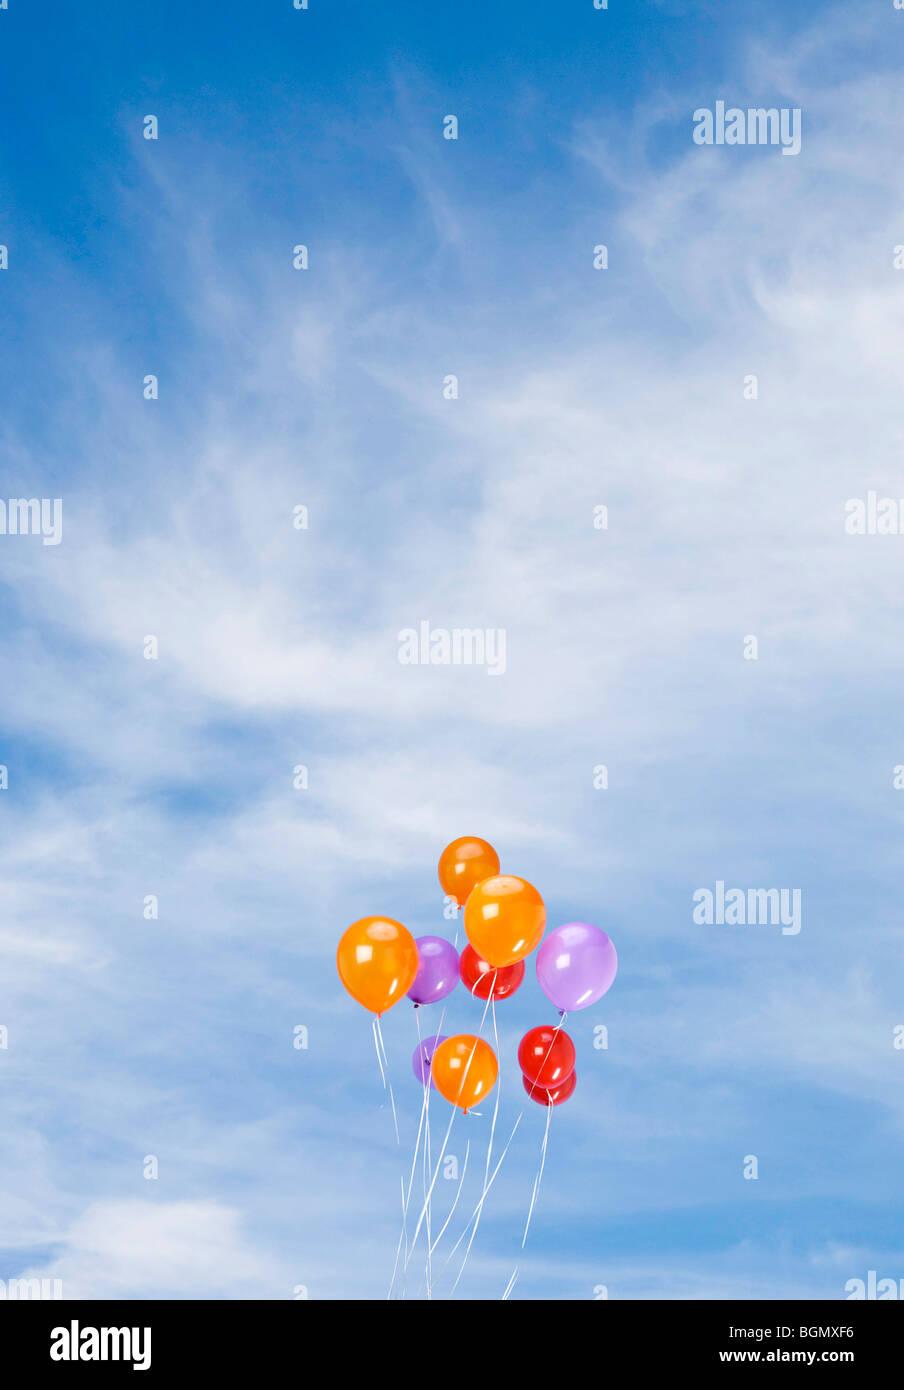 Liberar un montón de globos de colores en el cielo Imagen De Stock